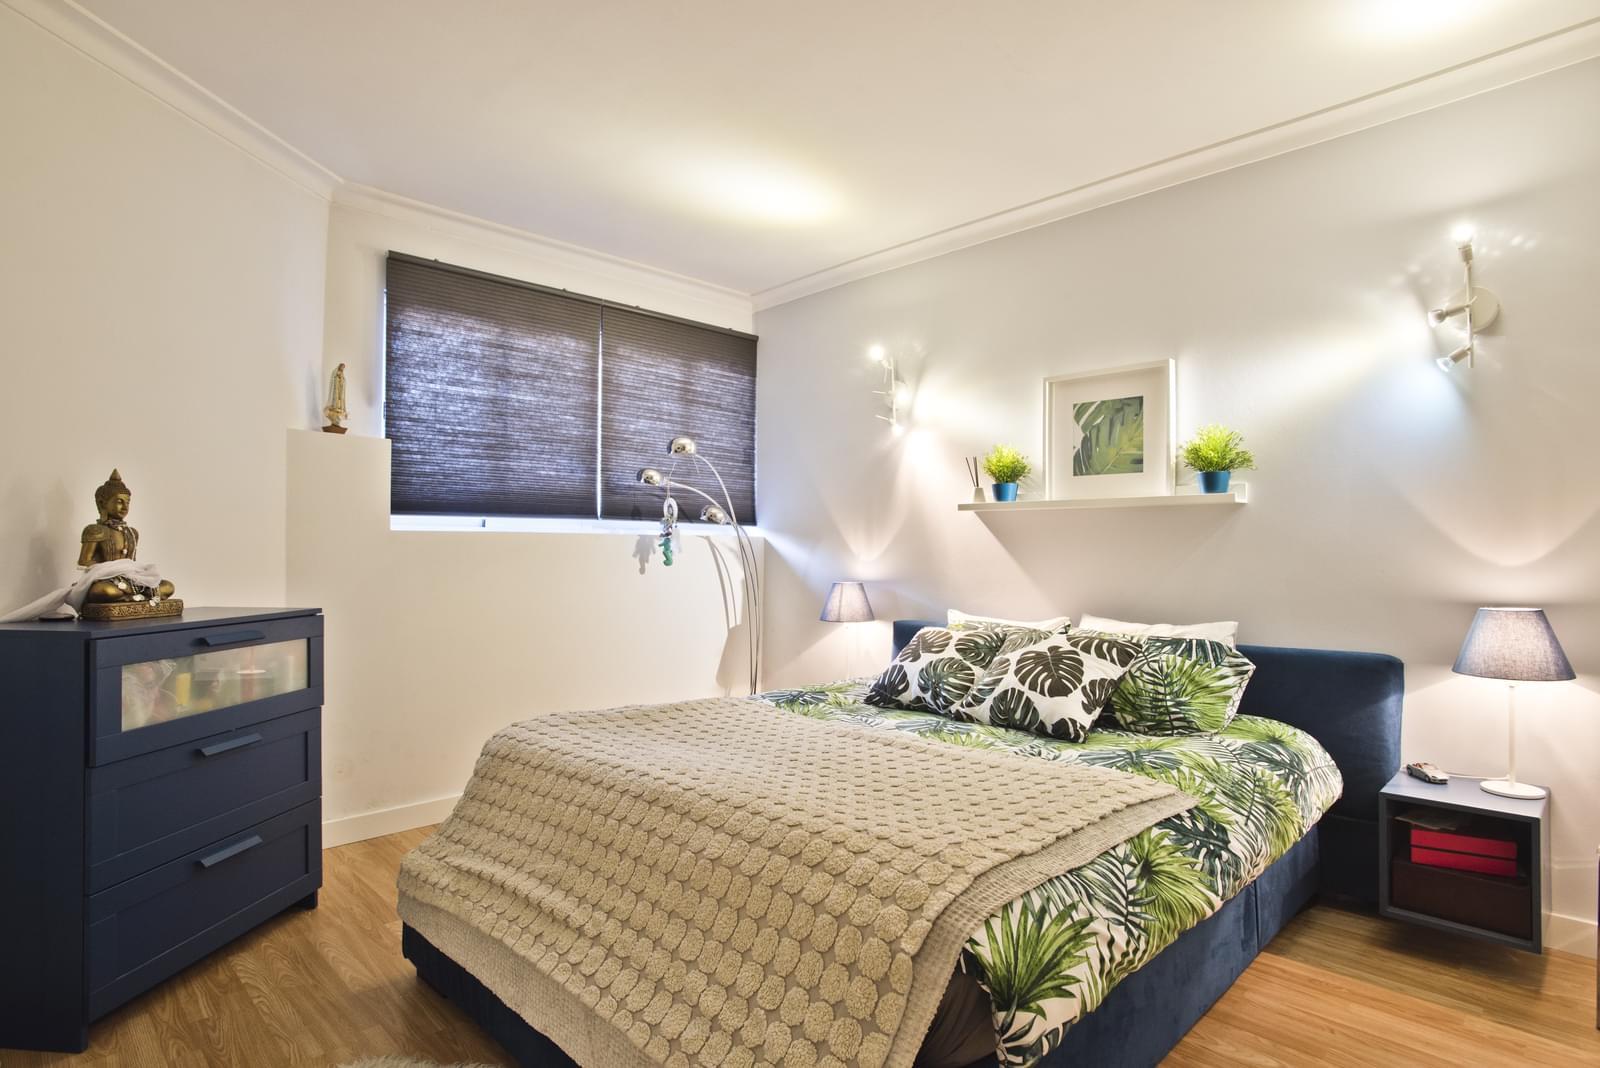 pf17010-apartamento-t4-cascais-e48c4ed0-6c67-461b-a2cc-2be5939b0214